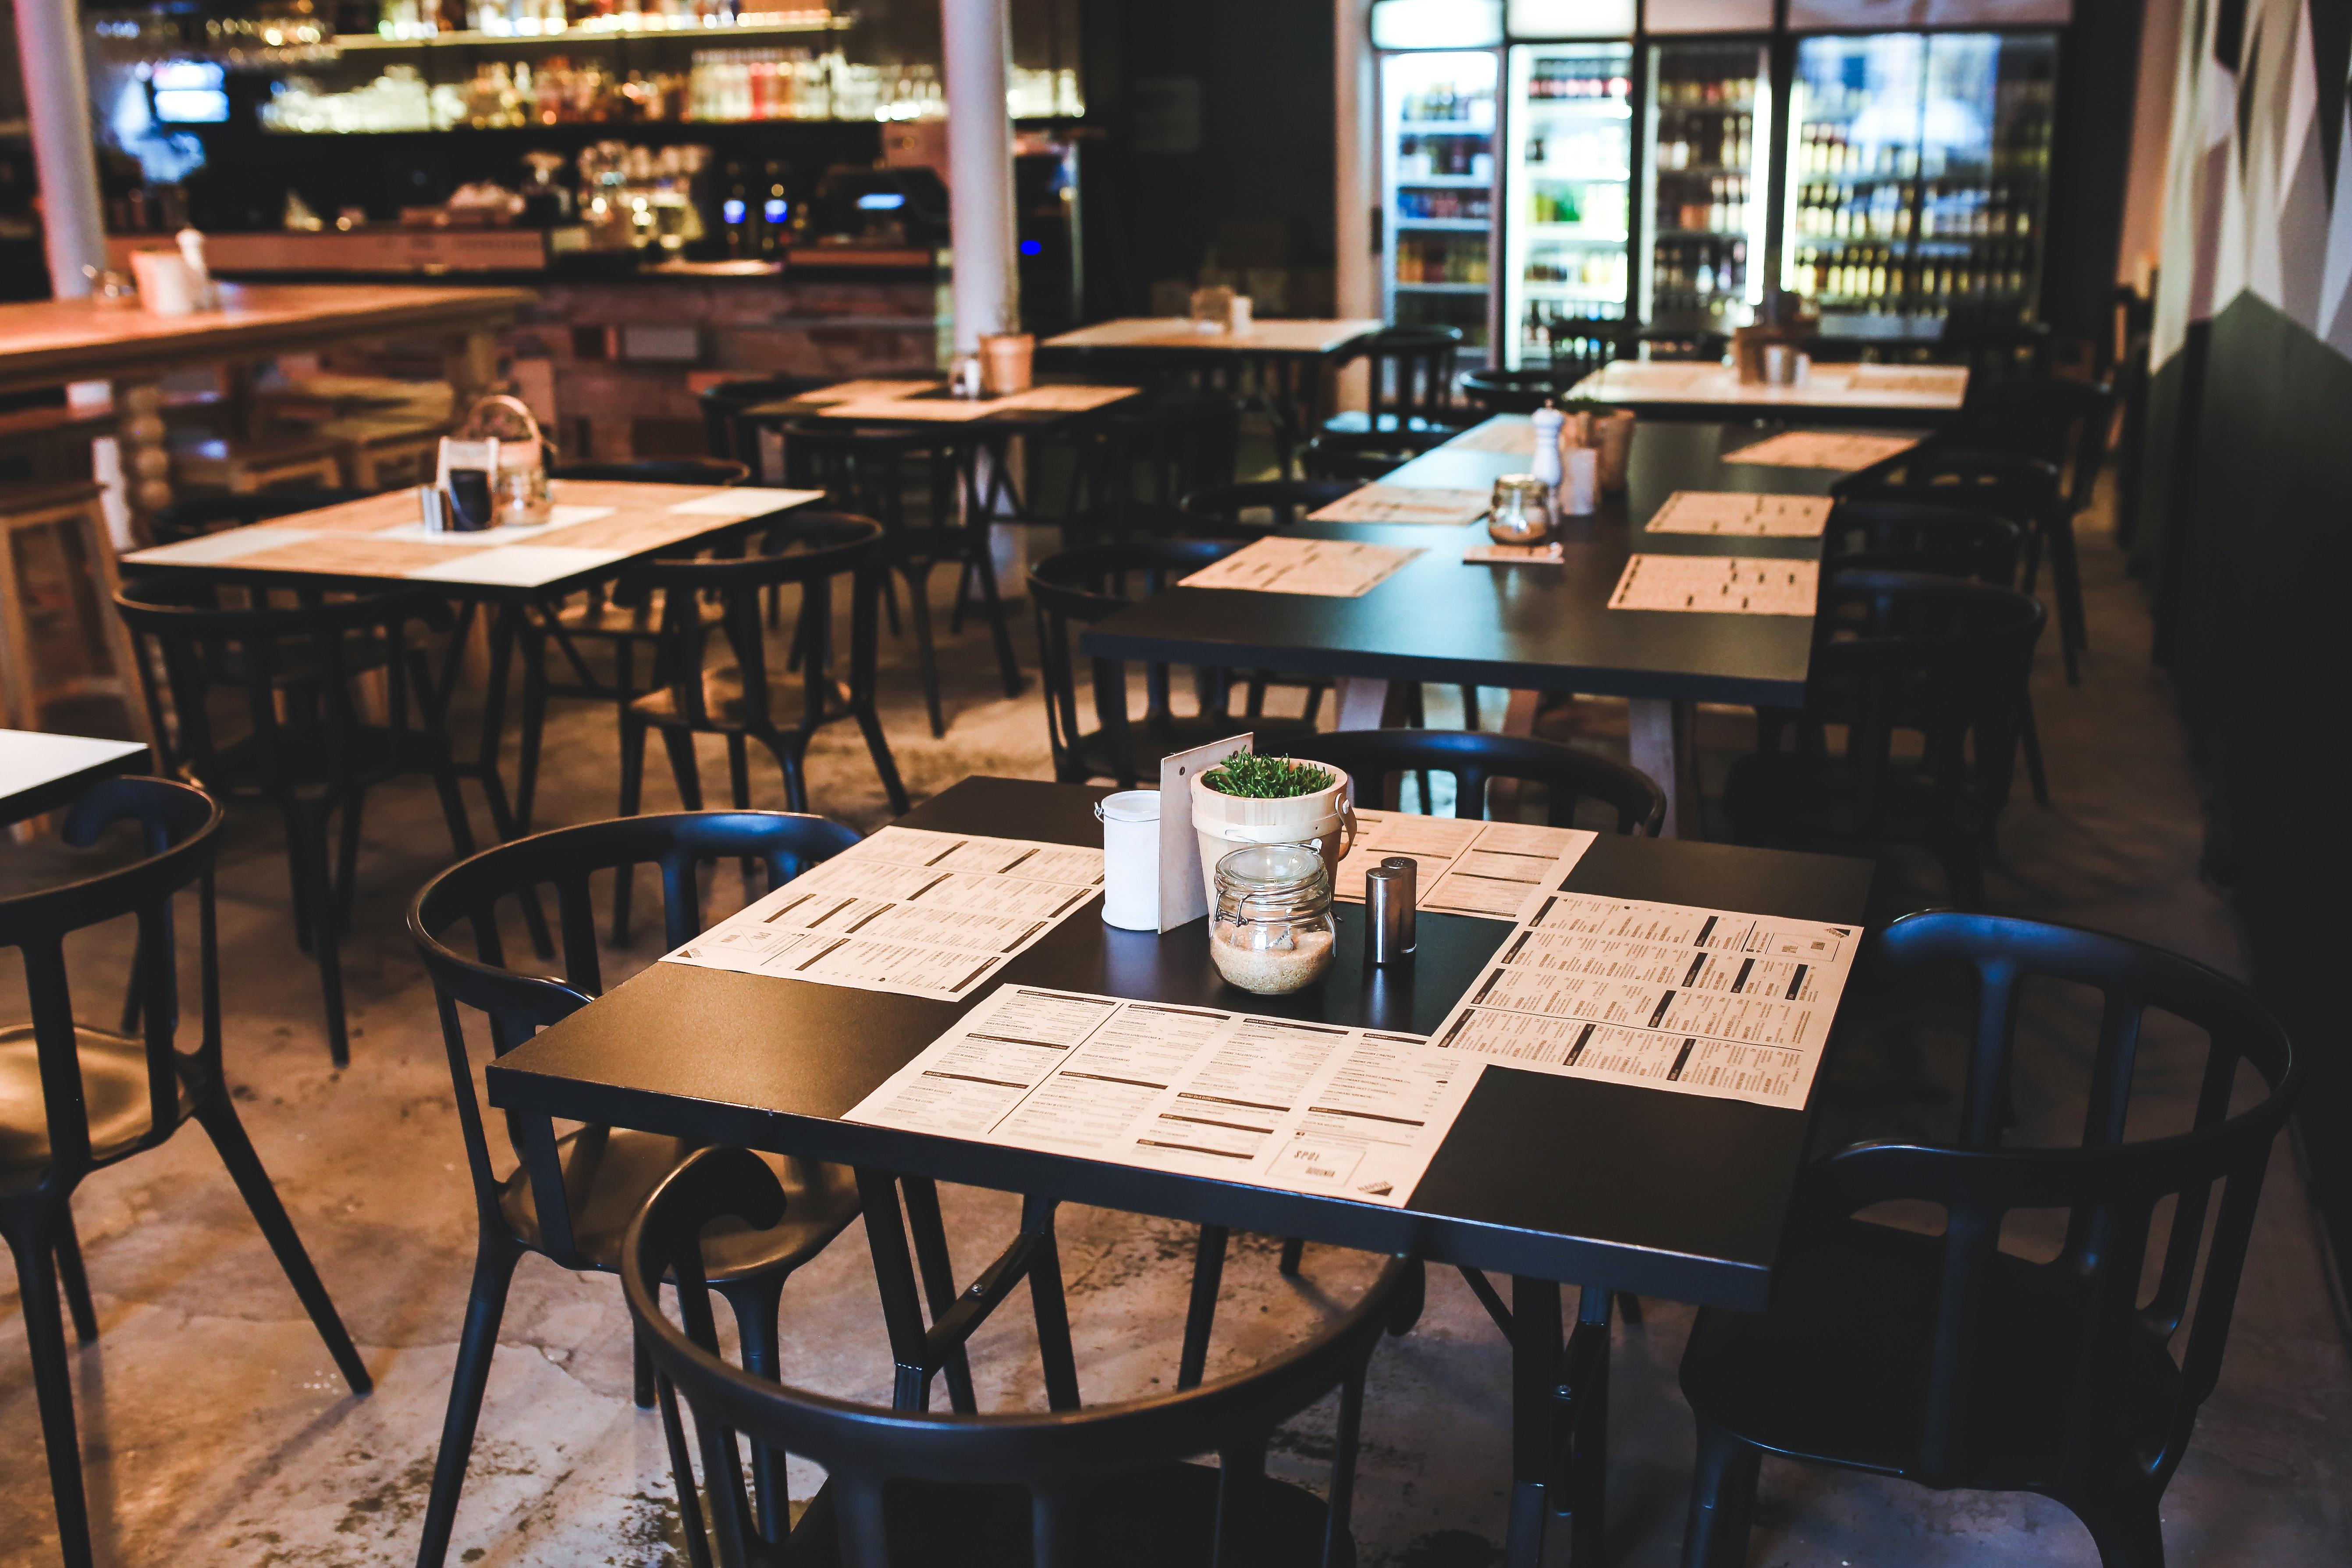 Restaurant work comp